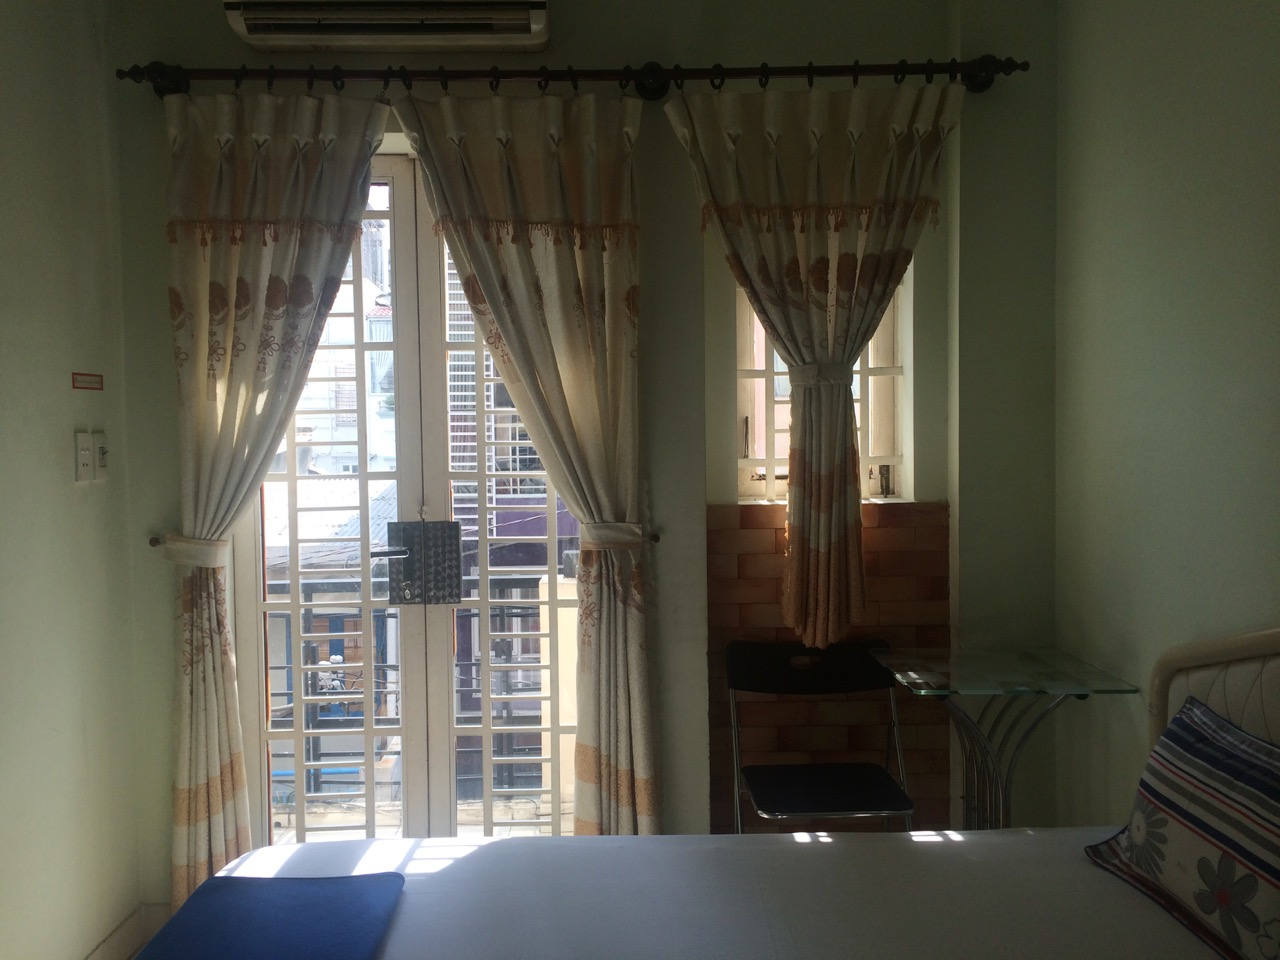 Путешествие по Вьетнаму, Хошимин: Комната во втором доме, где мы остановились